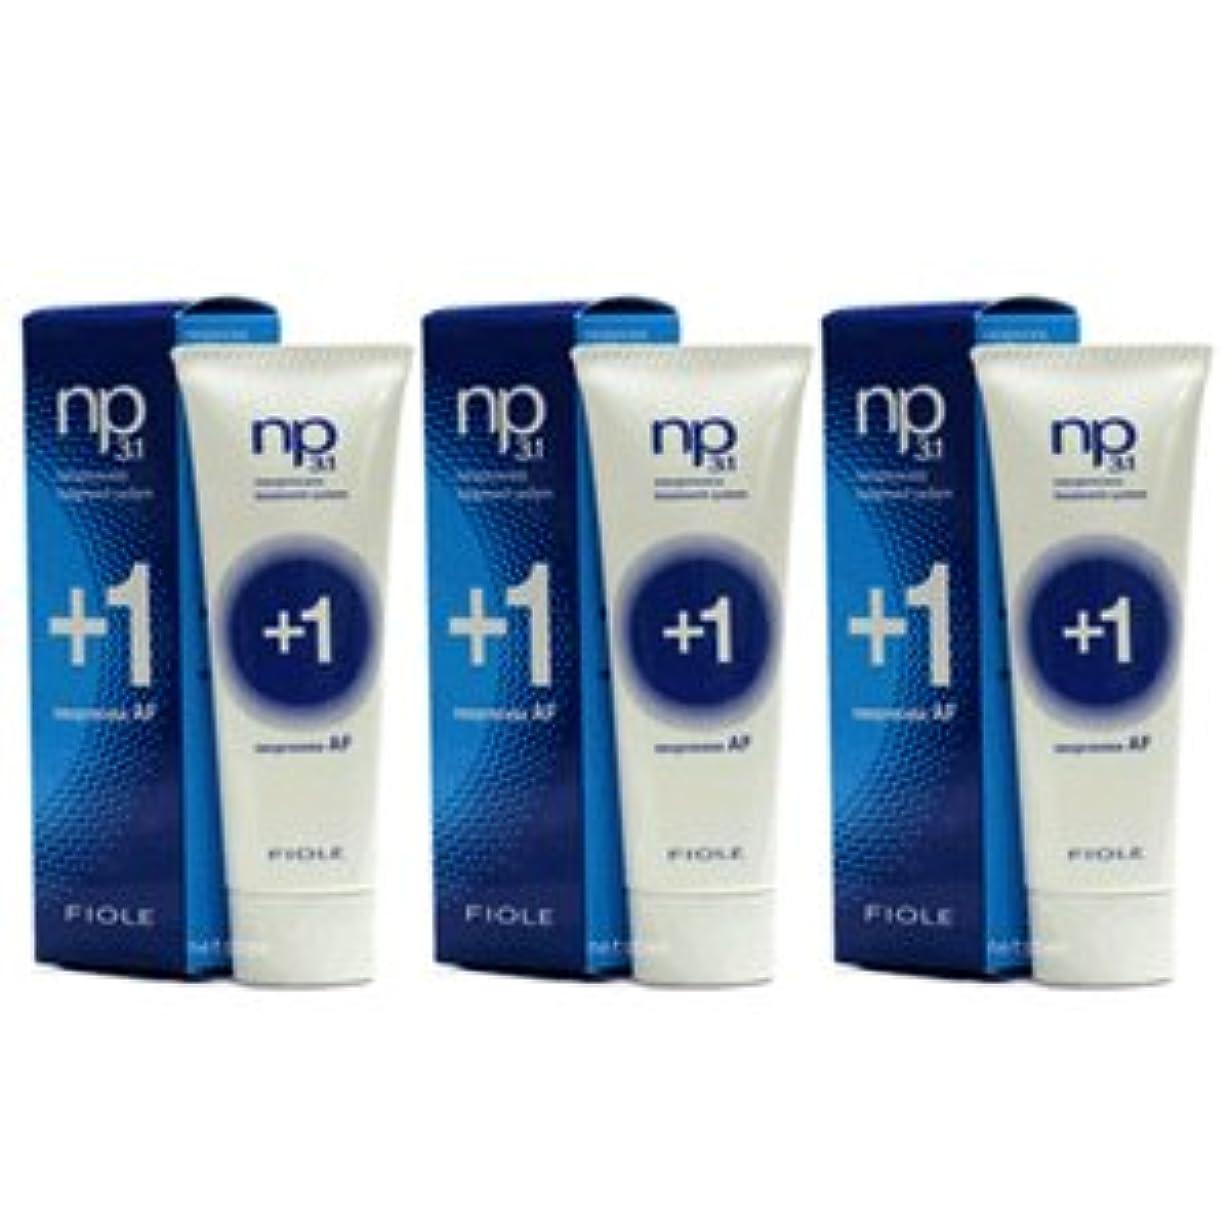 異議色合い薬理学【X3個セット】 フィヨーレ NP3.1 ネオプロセス AFプラス1 100g ネオプロセス